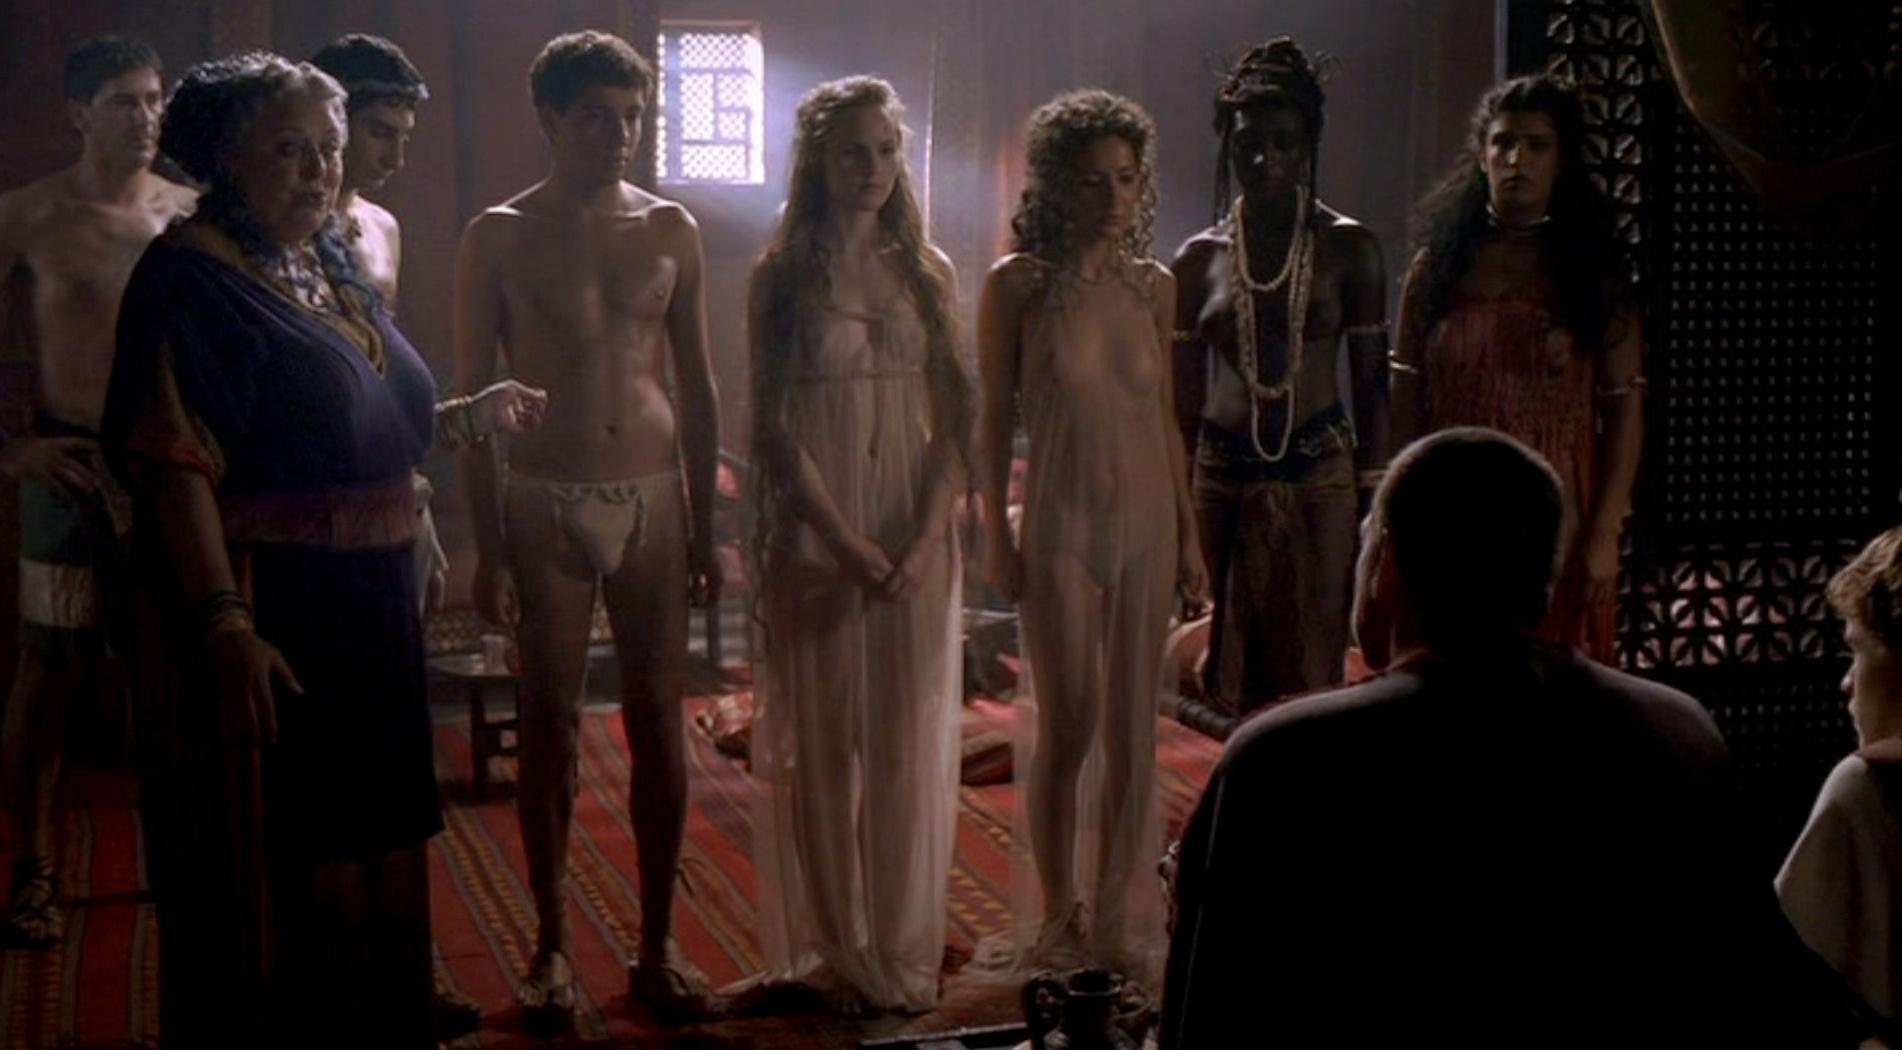 Un prostíbulo en la serie de la HBO Roma. La madama exhibe a varias chicas y chicos semidesnudos ante sus clientes.